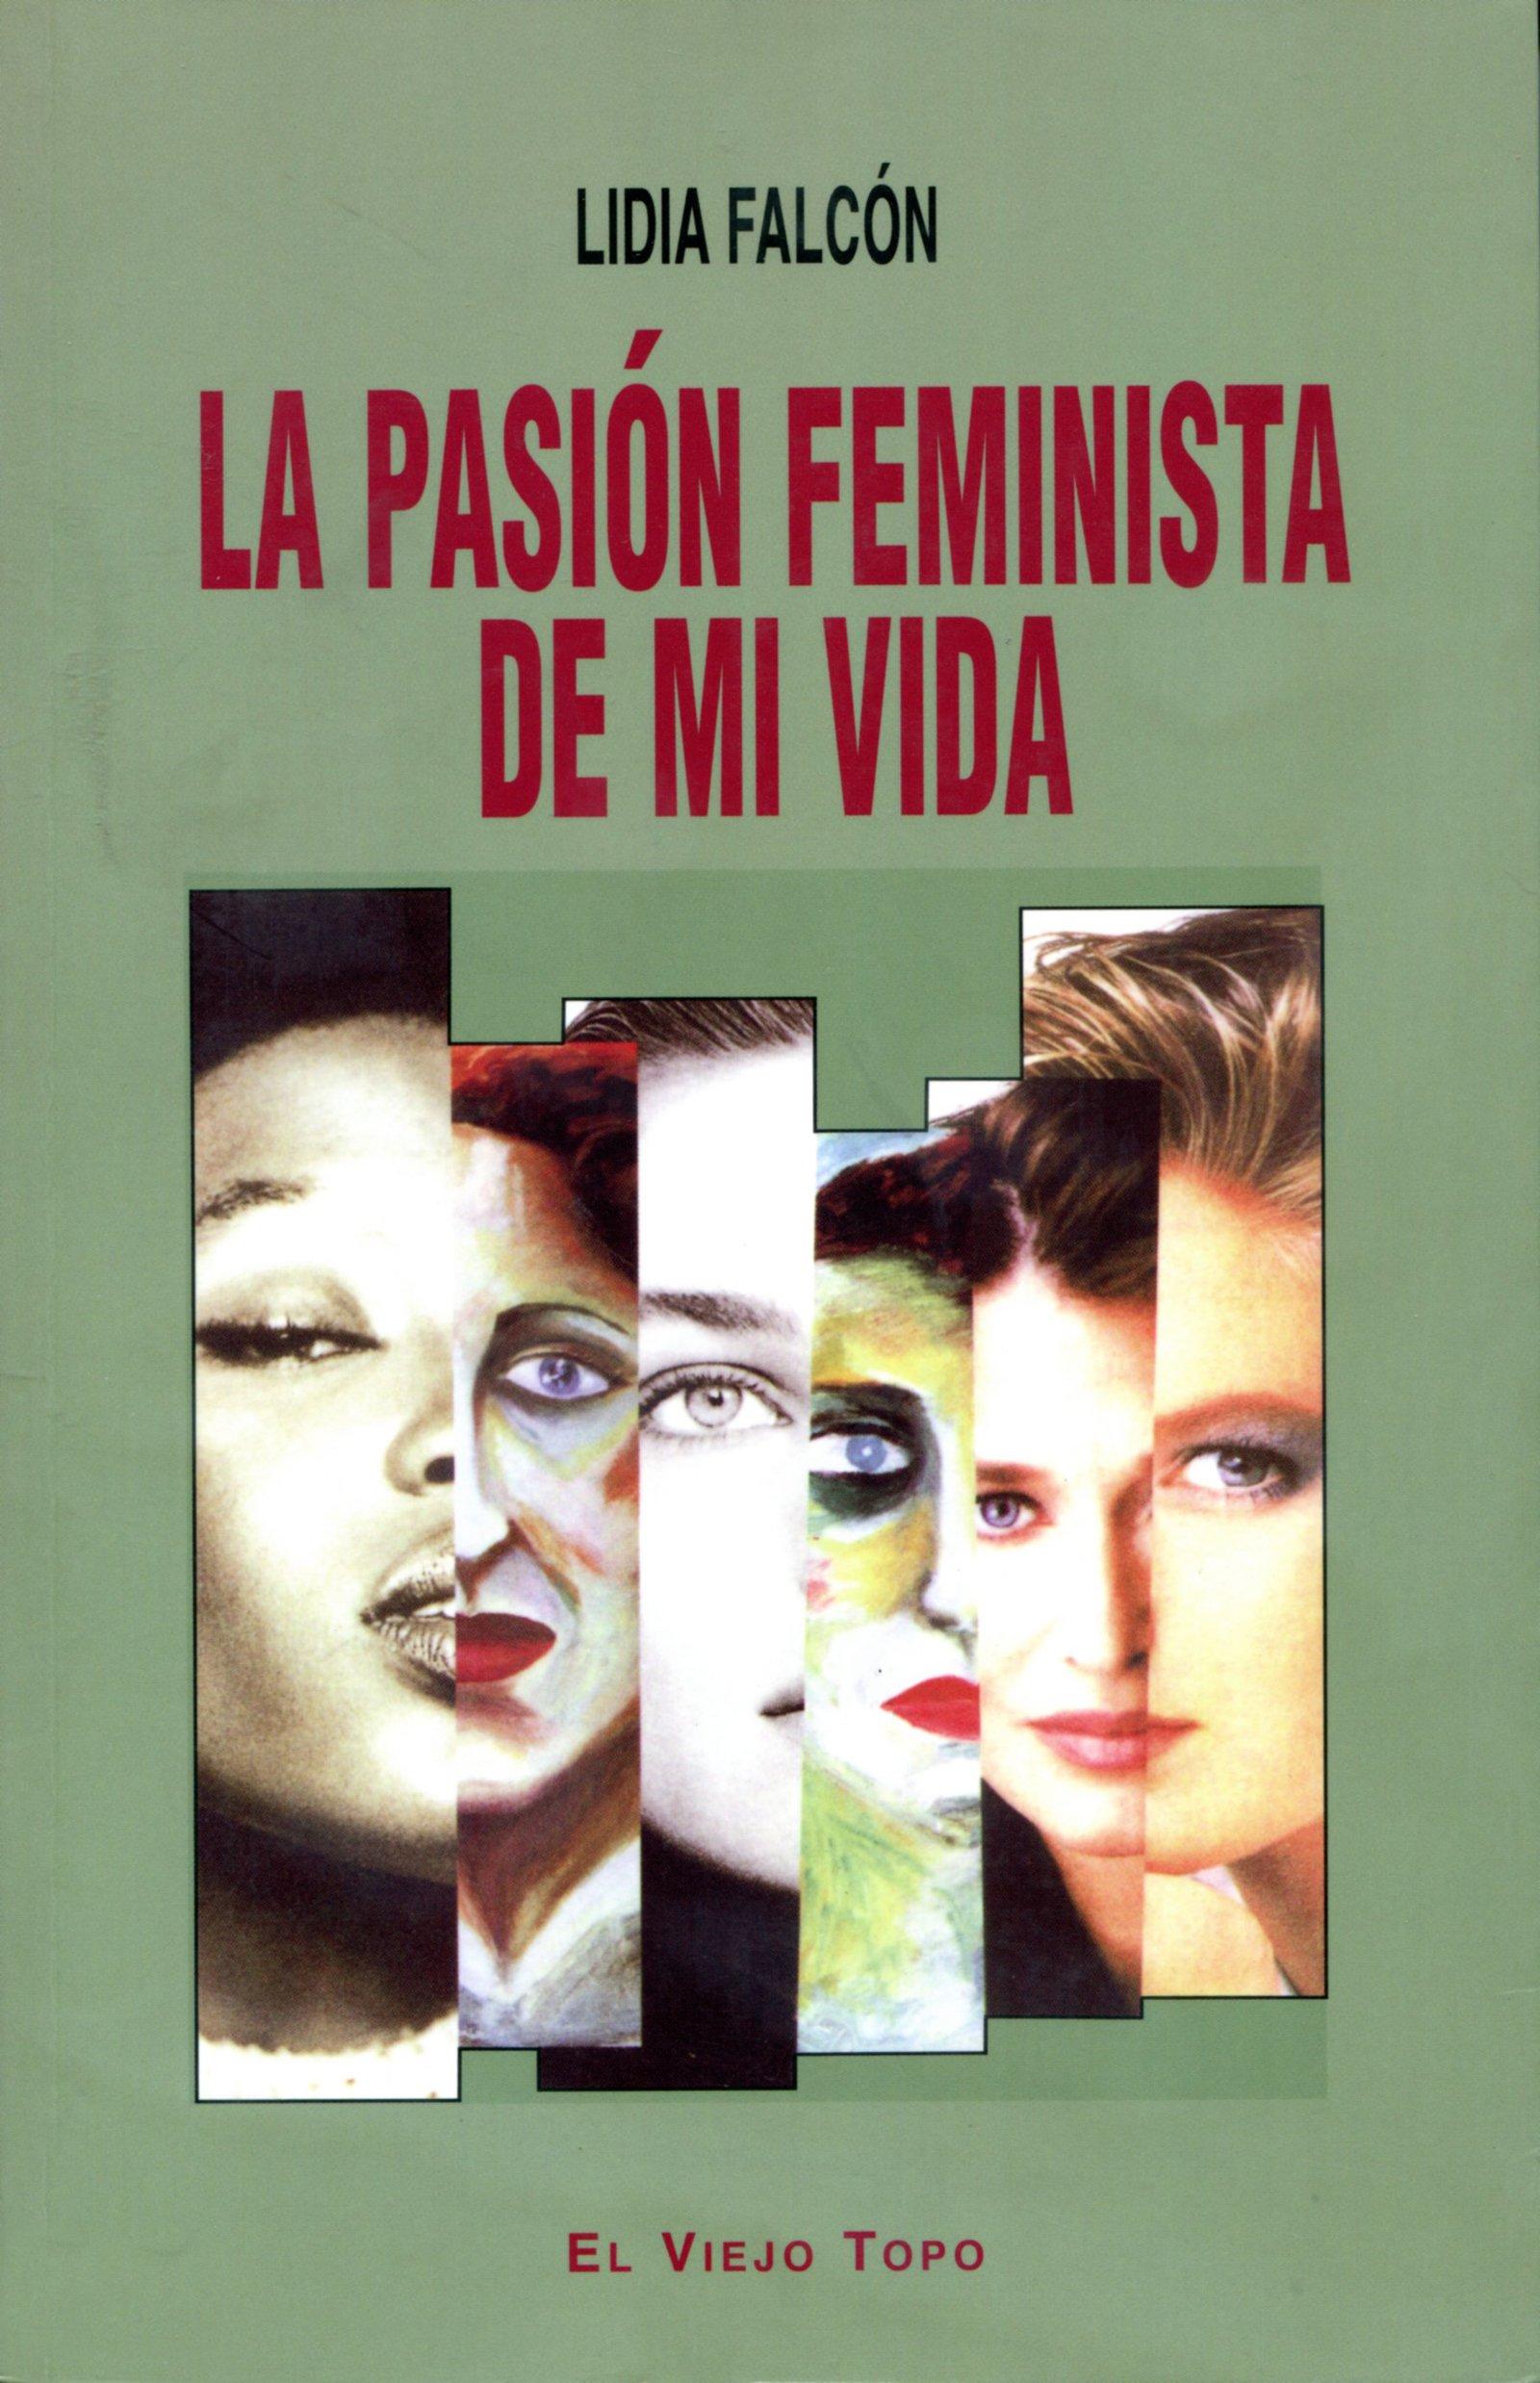 La pasión feminista de mi vida (Memorias): Amazon.es: Lidia Falcón: Libros